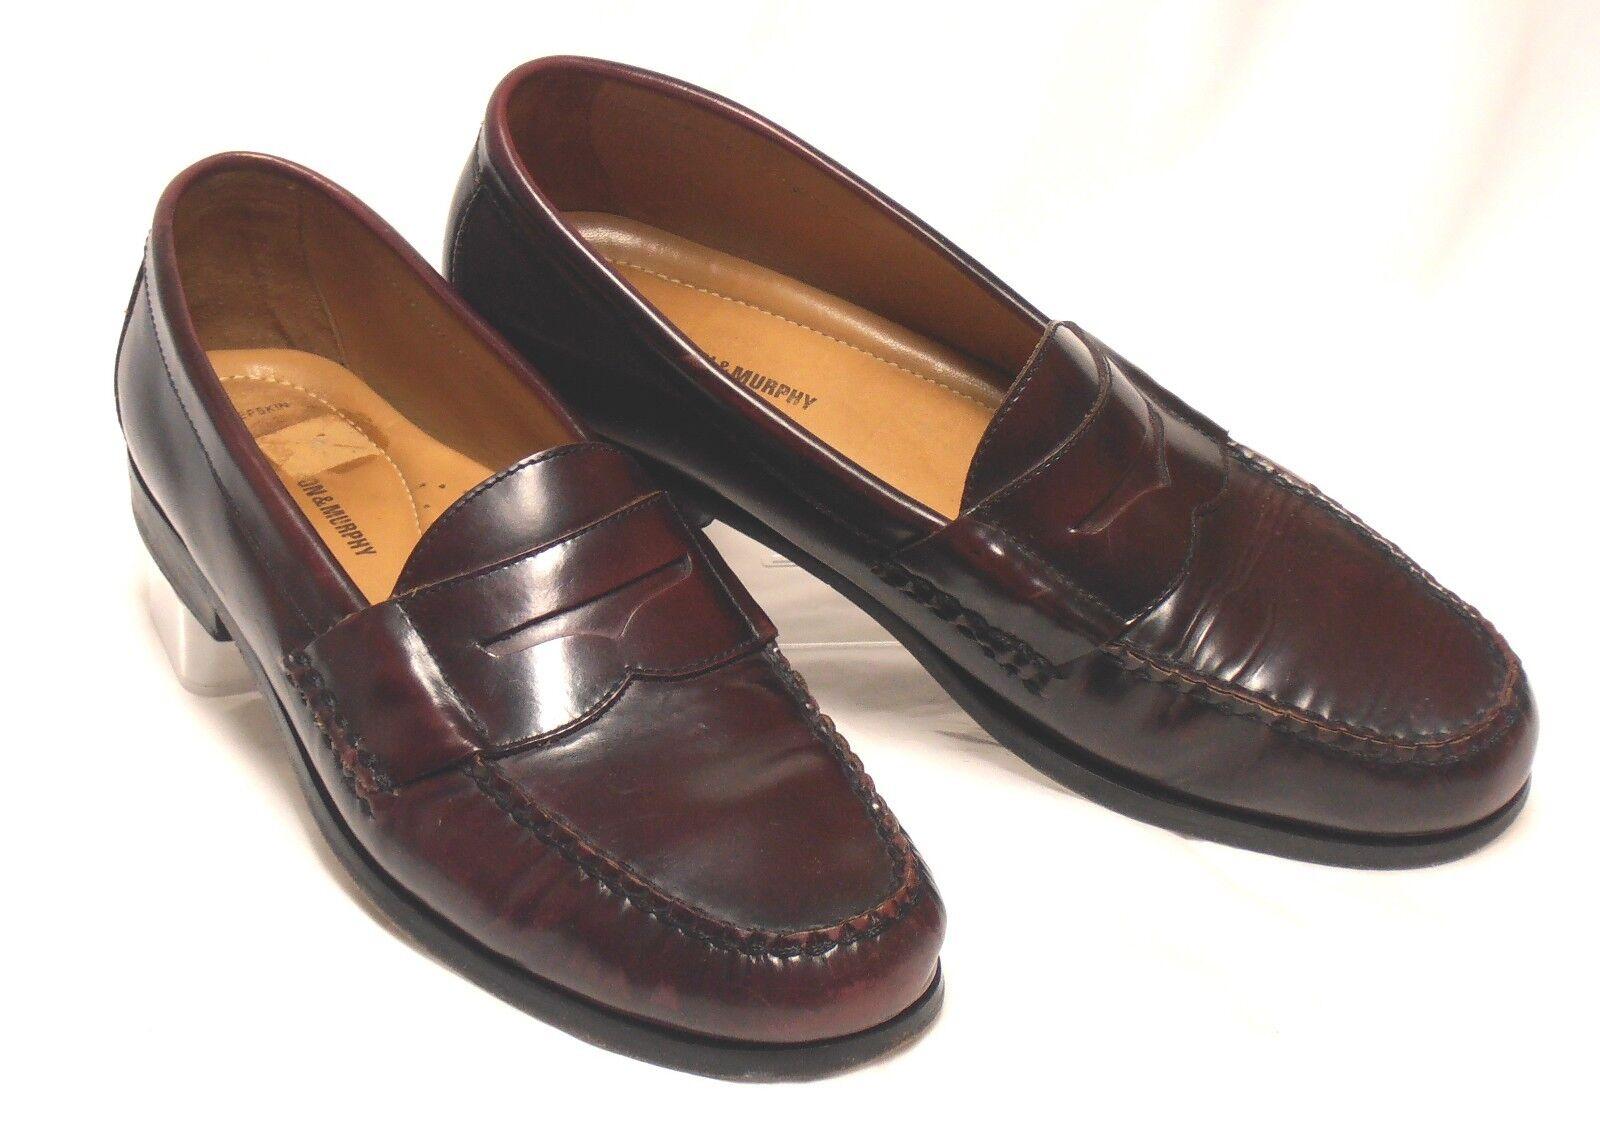 Brazilian JOHNSTON & MURPHY Size 12 Burgundy Pelle Sheepskin Penny Loafers